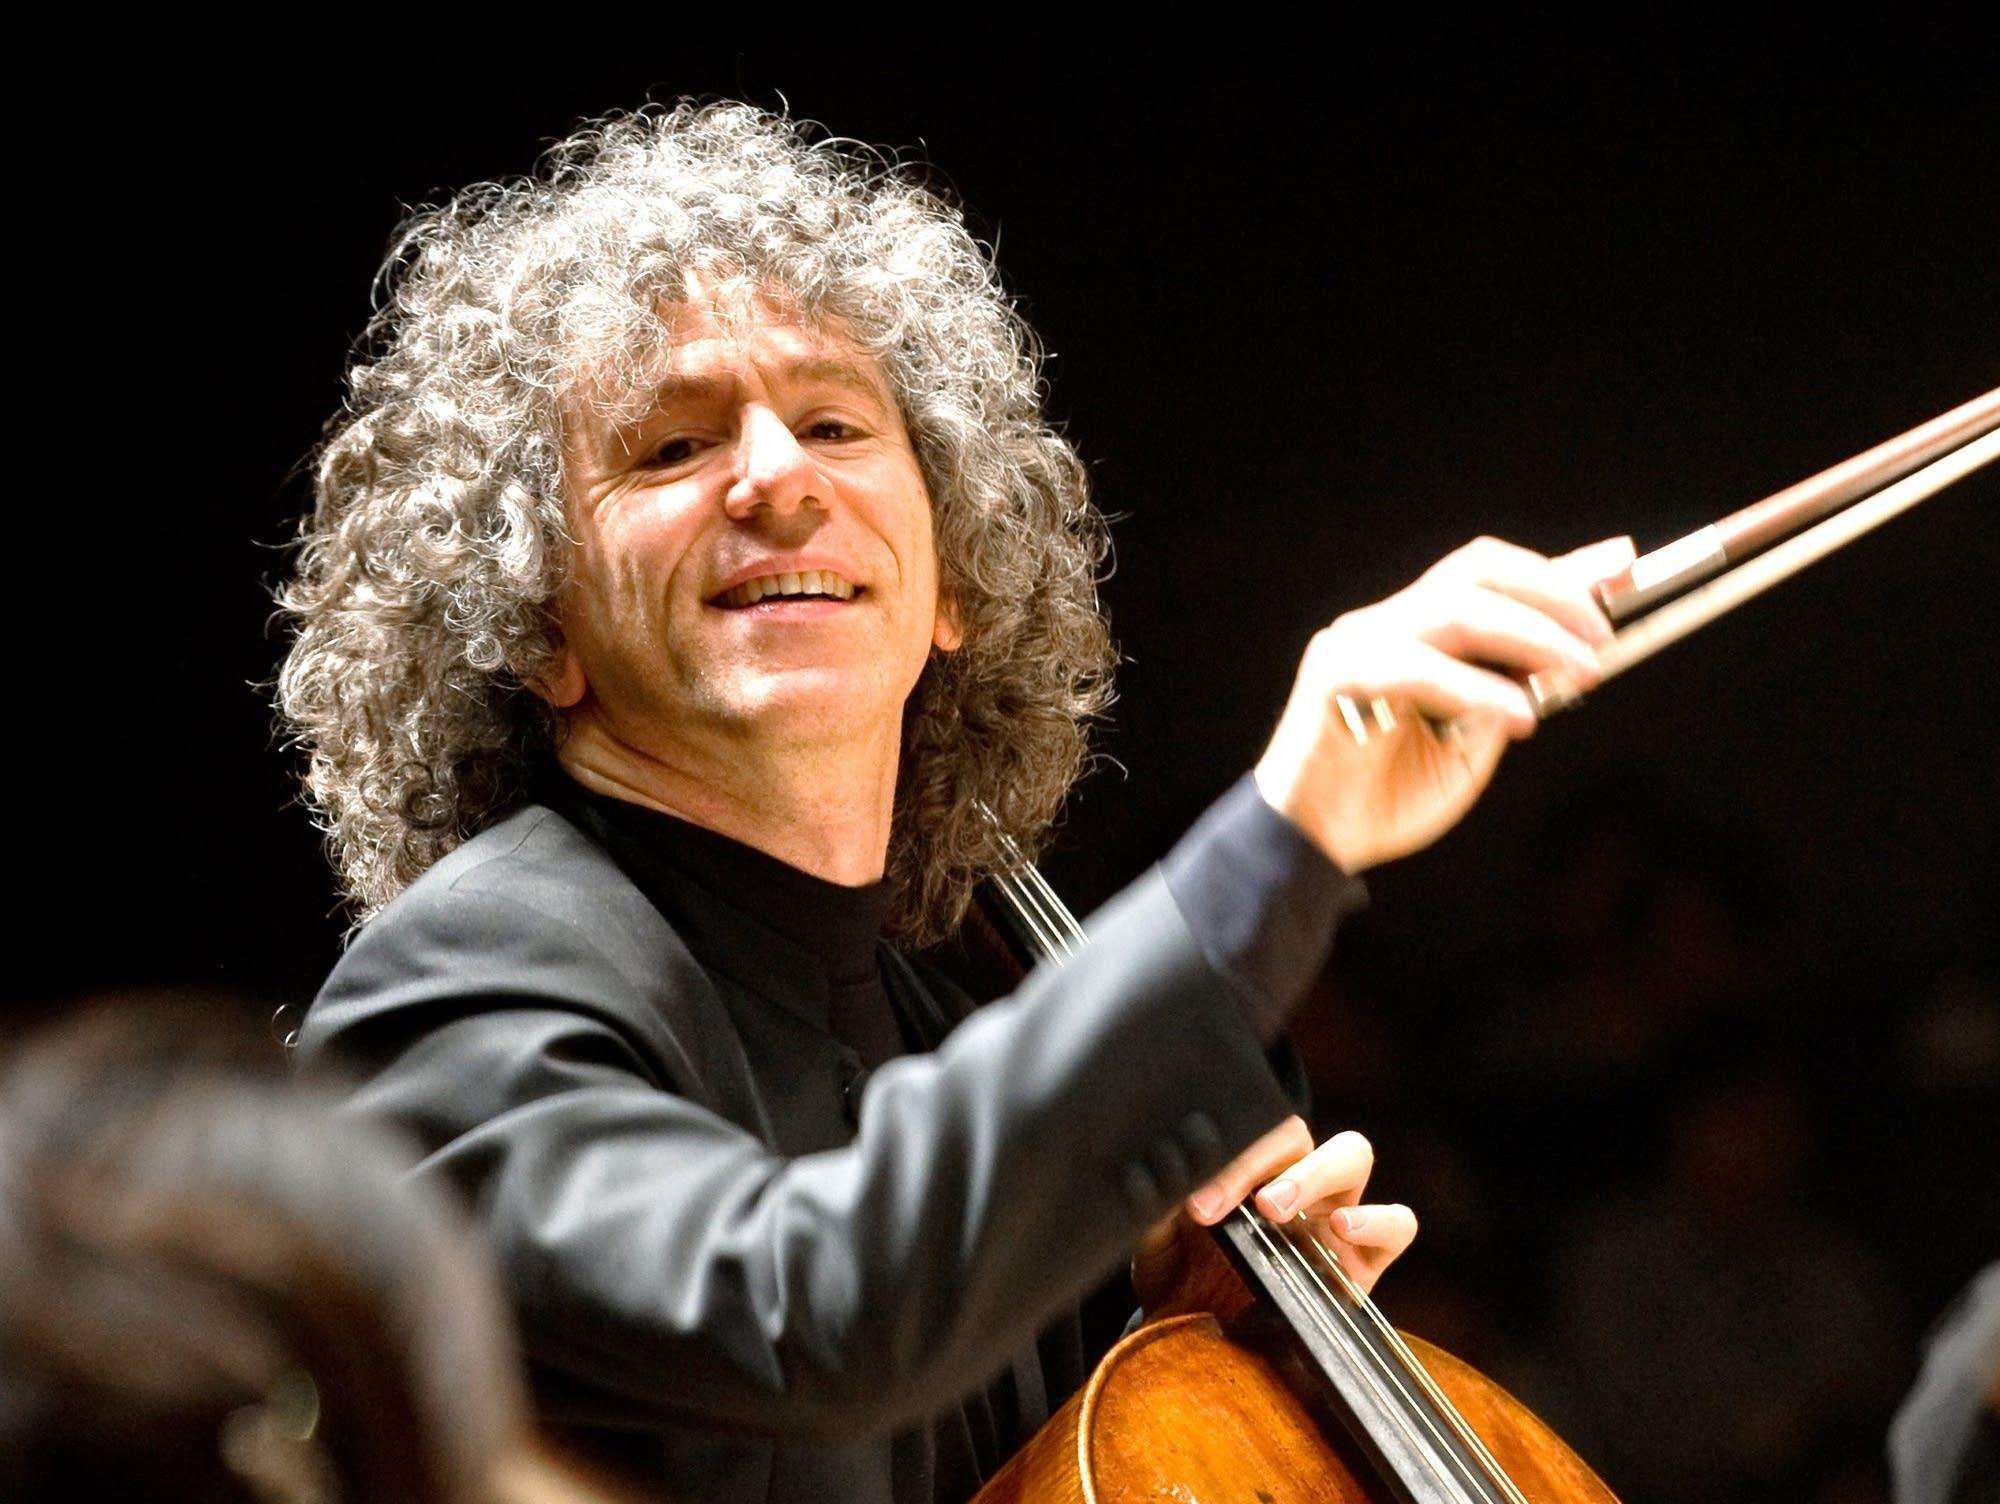 Cellist Steven Isserlis